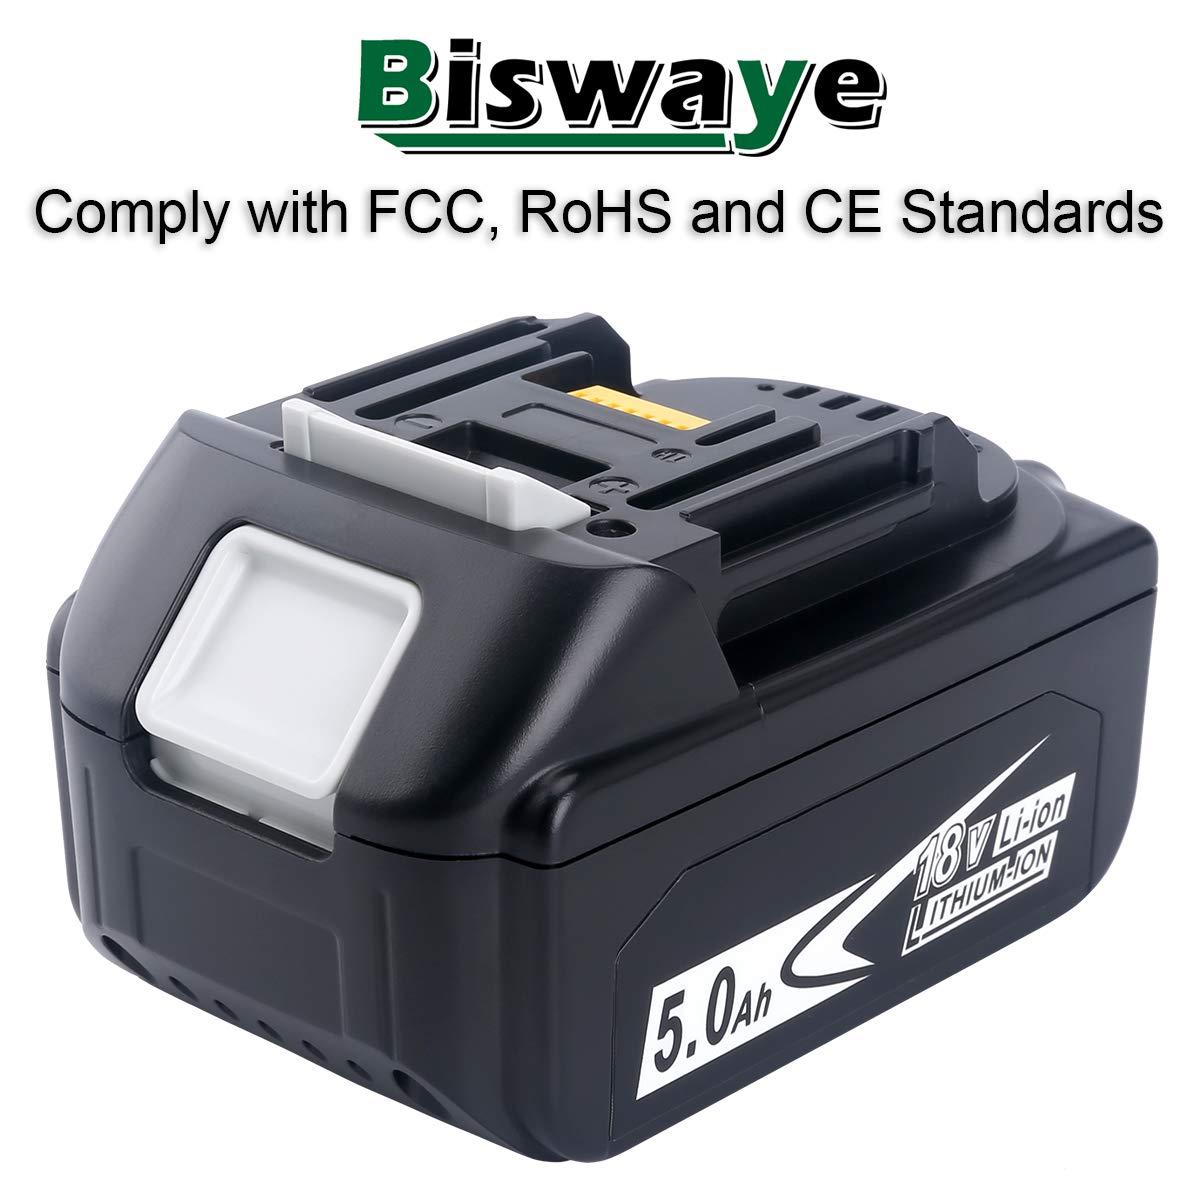 18V 5.0AH Battery for Makita BL1860B BL1850B BL1840B BL1830B with LED Indicator